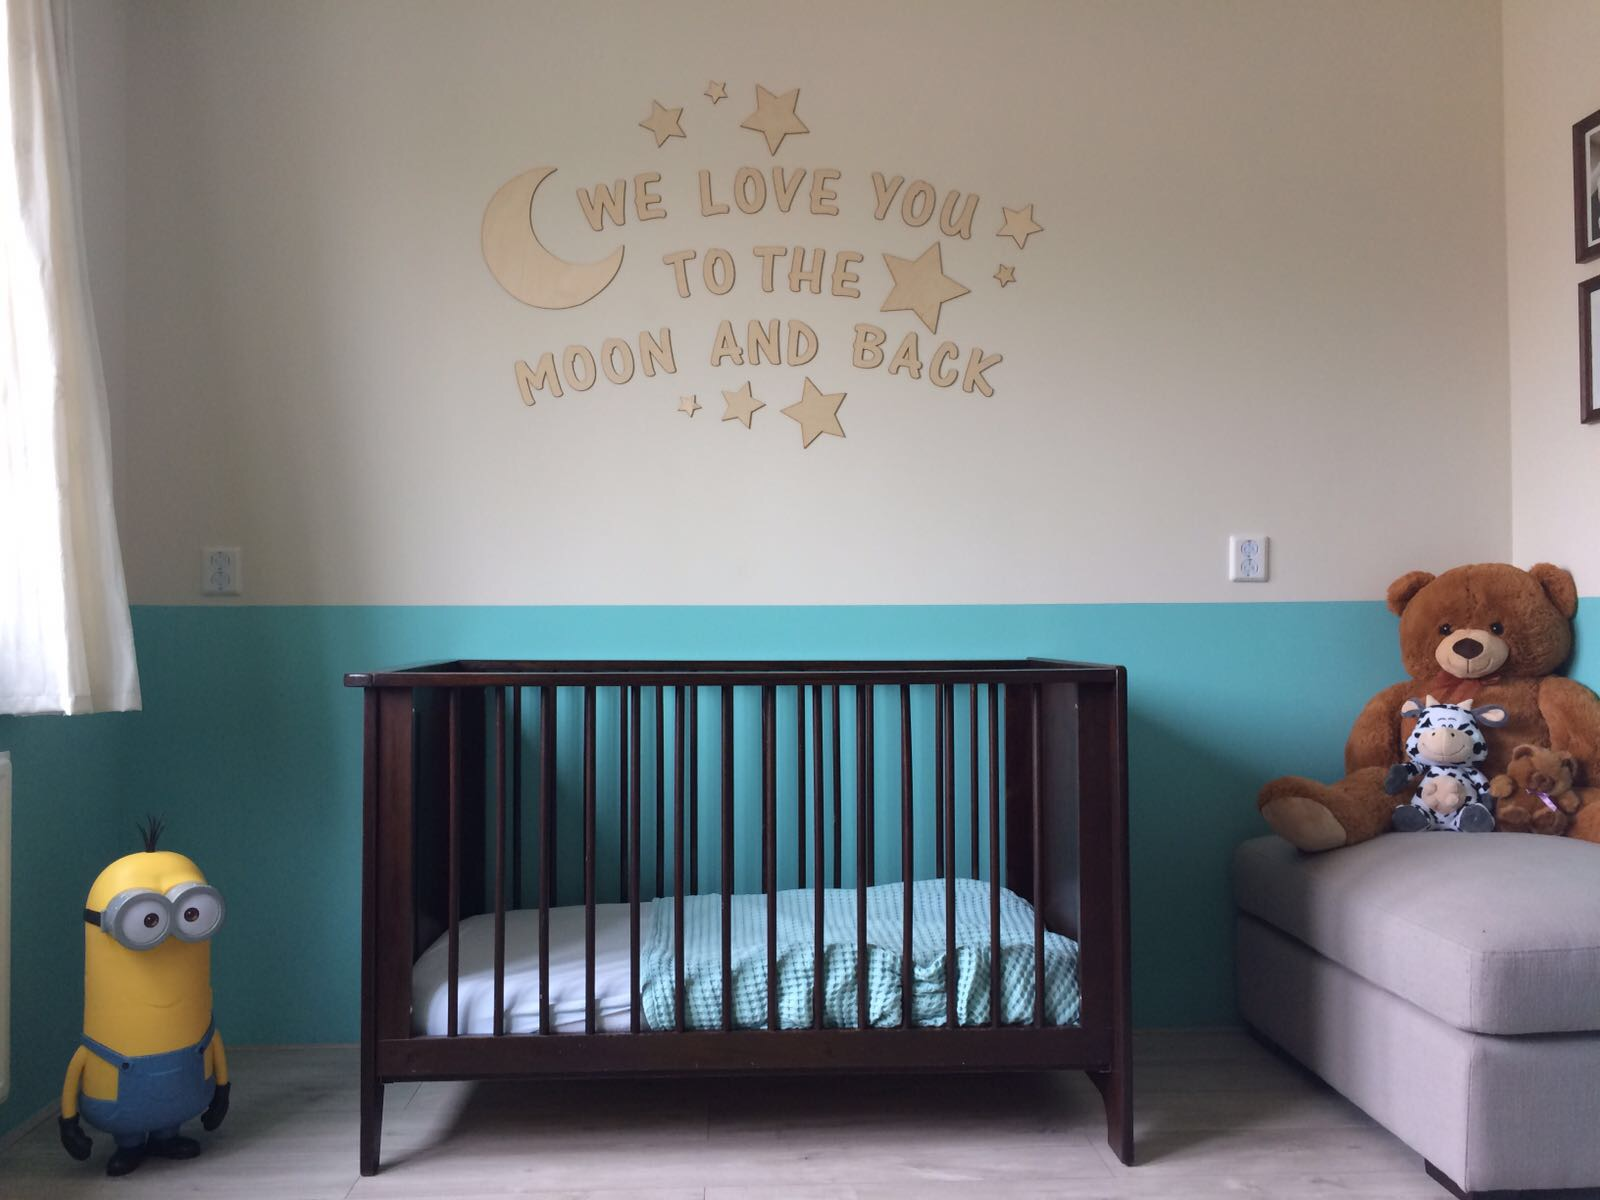 Letters Voor Op De Muur Kinderkamer.Muurdecoratie Kinderkamer Houtenlabel